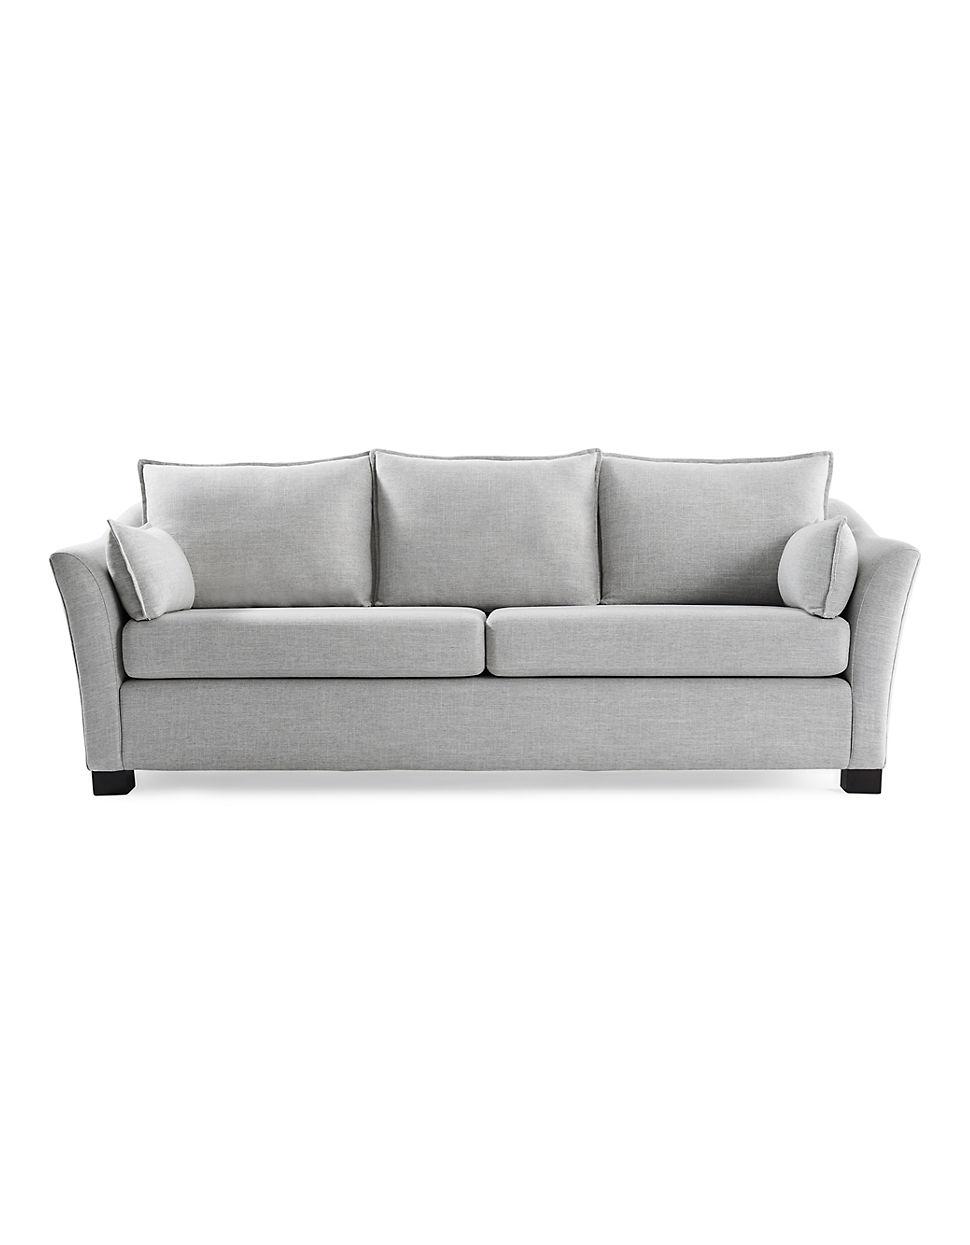 Living Room Furniture | Hudson\'s Bay